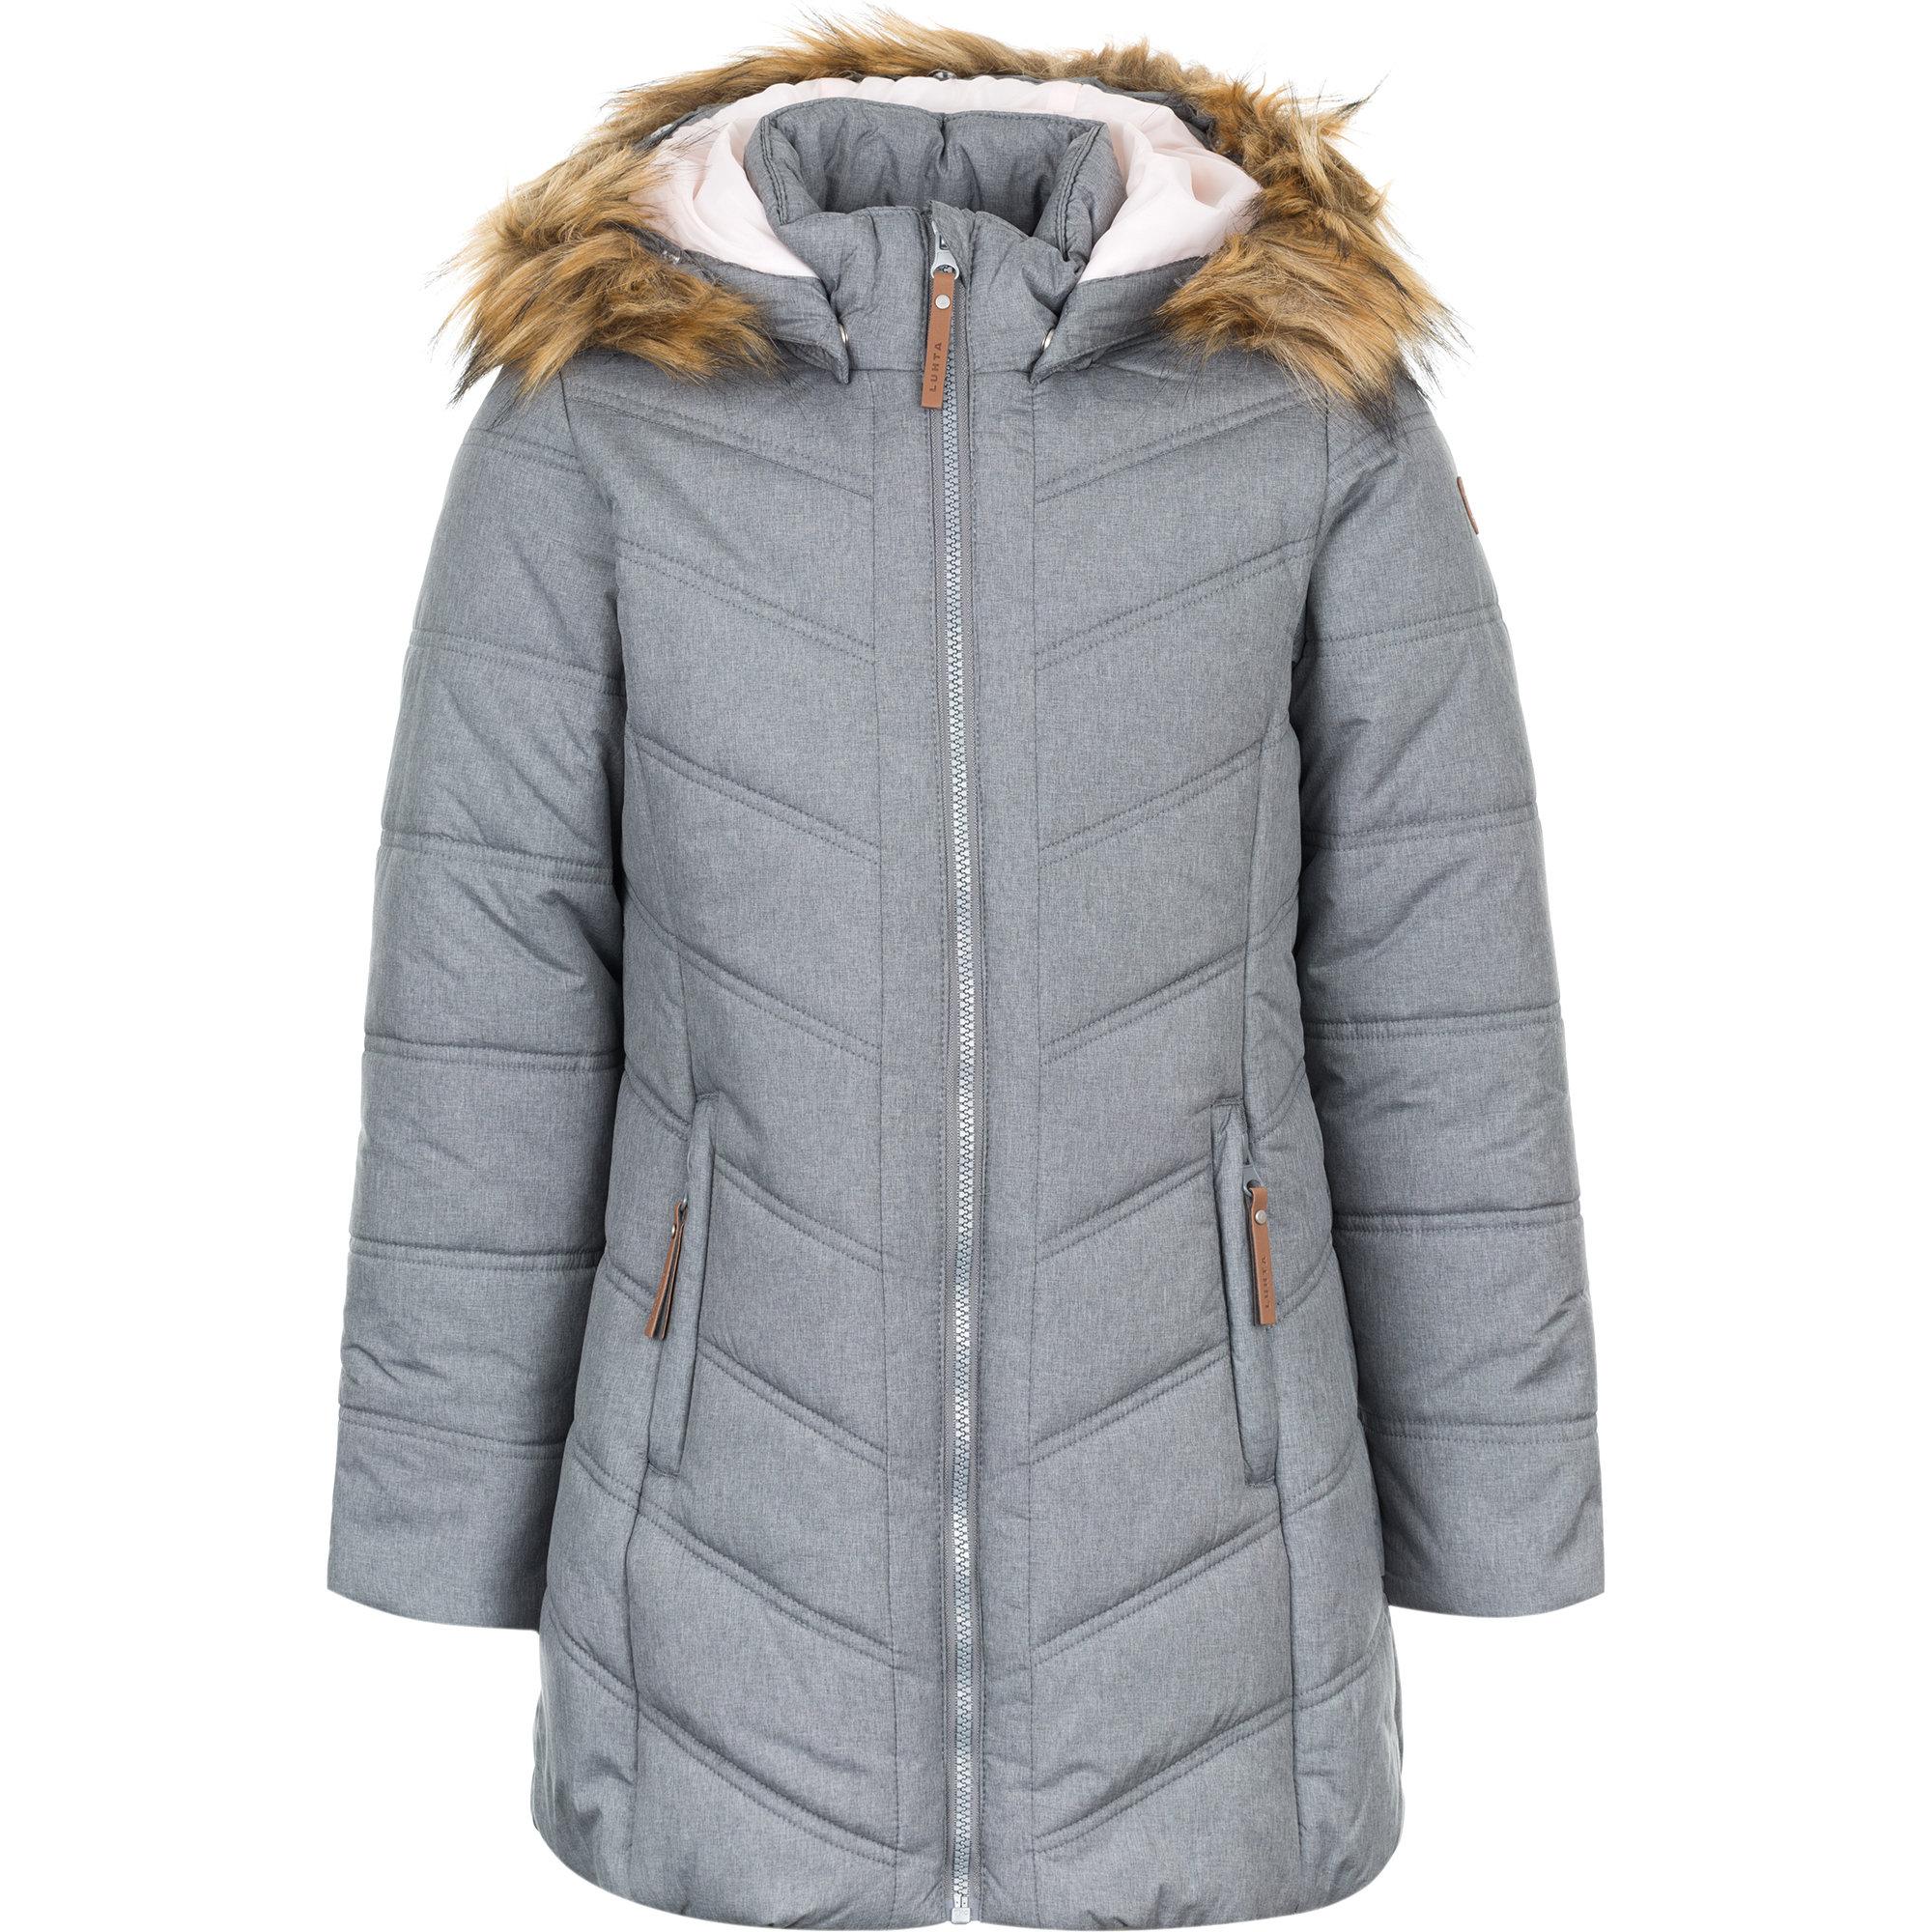 Куртки Luhta (Лухта) Пальто для девочки 838061376L6V/255 цена в Москве, отзывы, характеристики, видео обзор